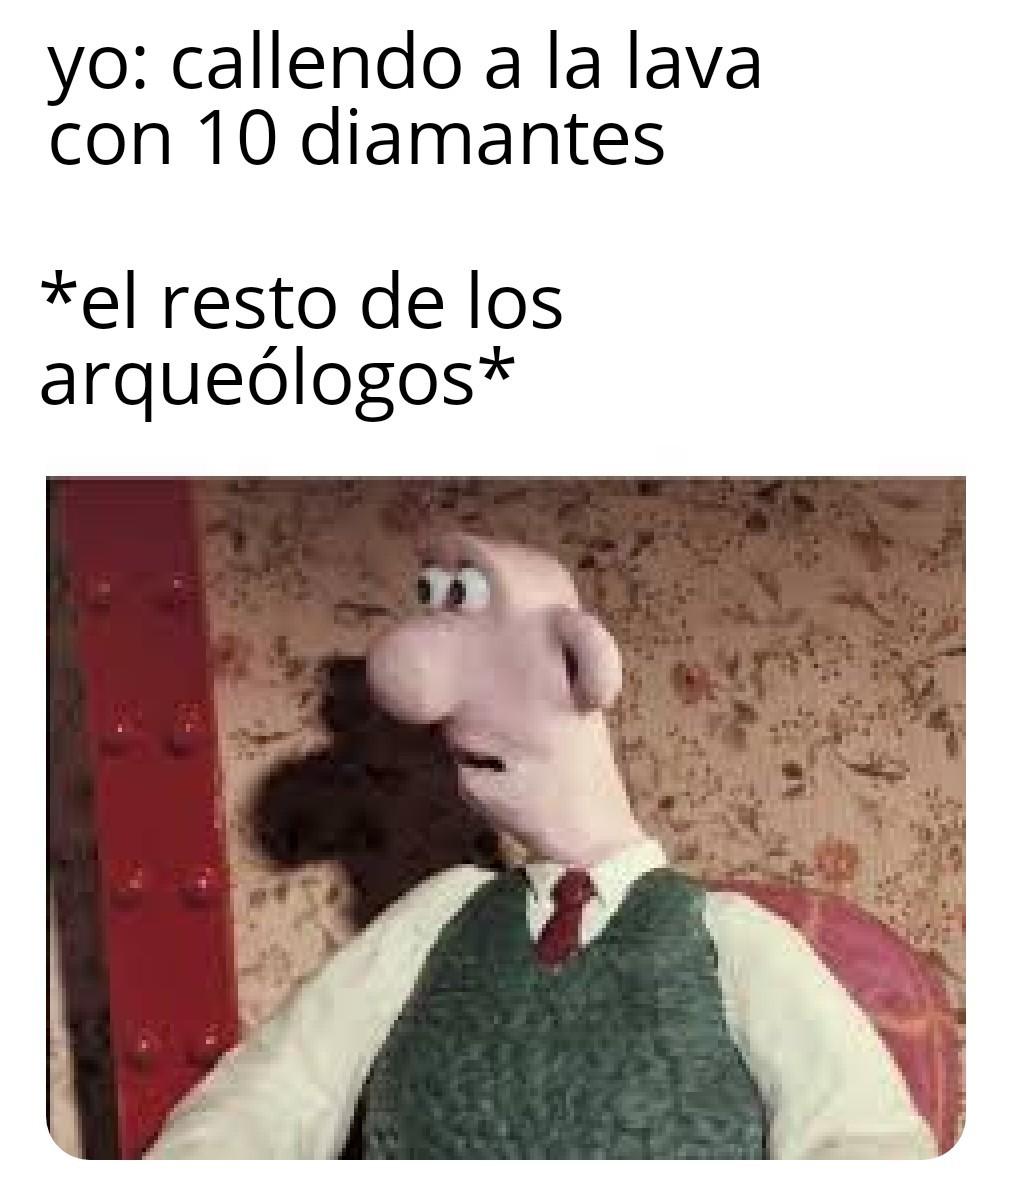 Oa - meme